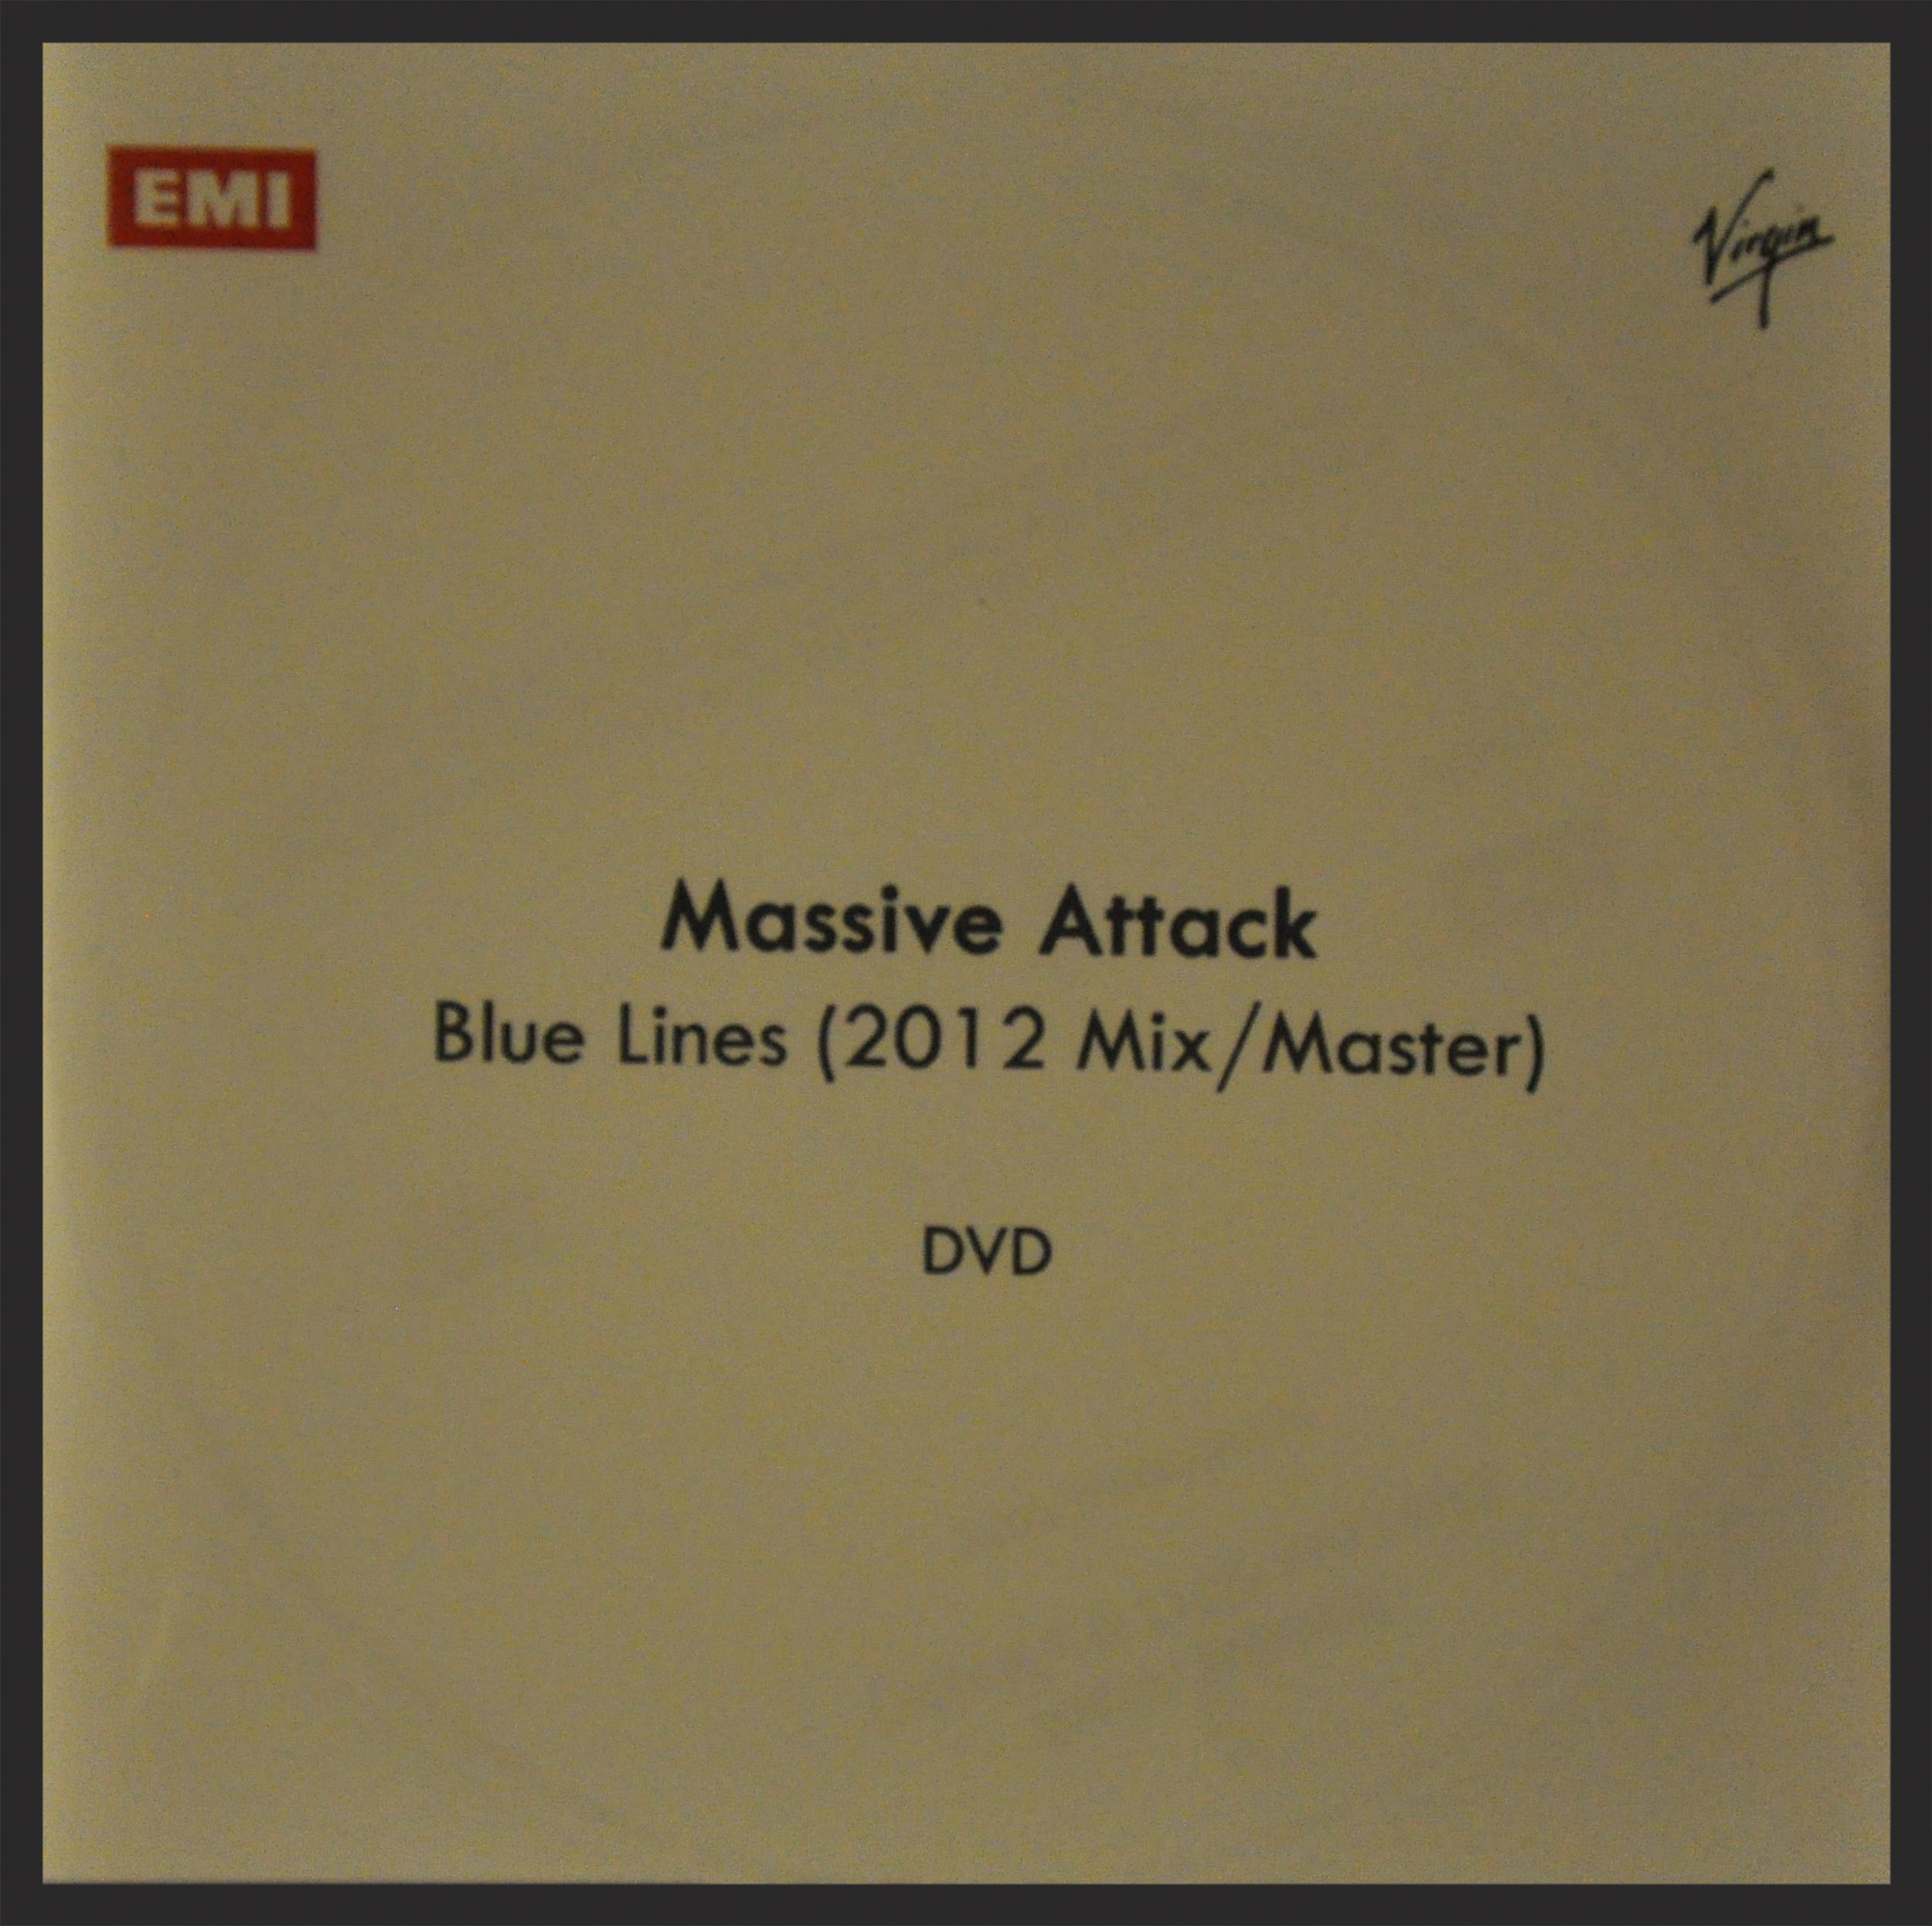 bluelinesdvd1.JPG